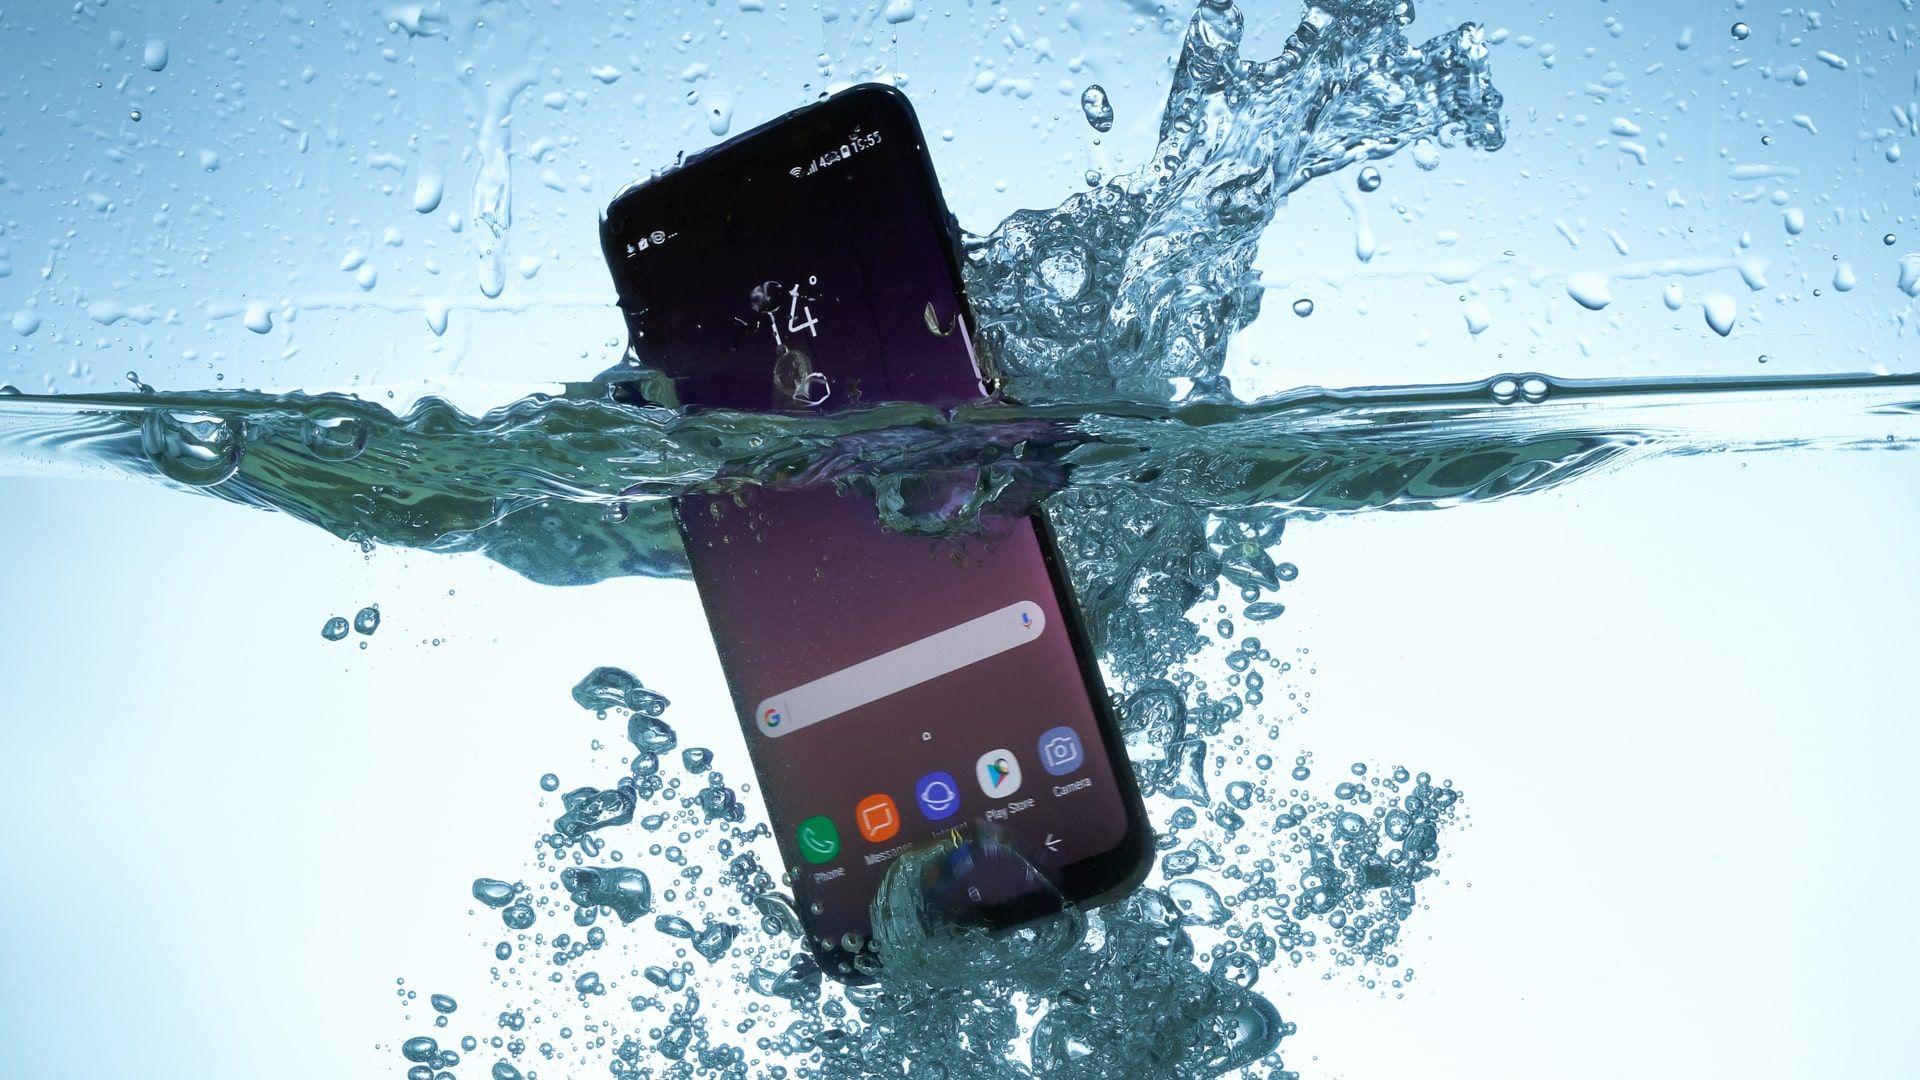 Mesmo um celular à prova d'água não deve ser submerso (Foto: Shutterstock)